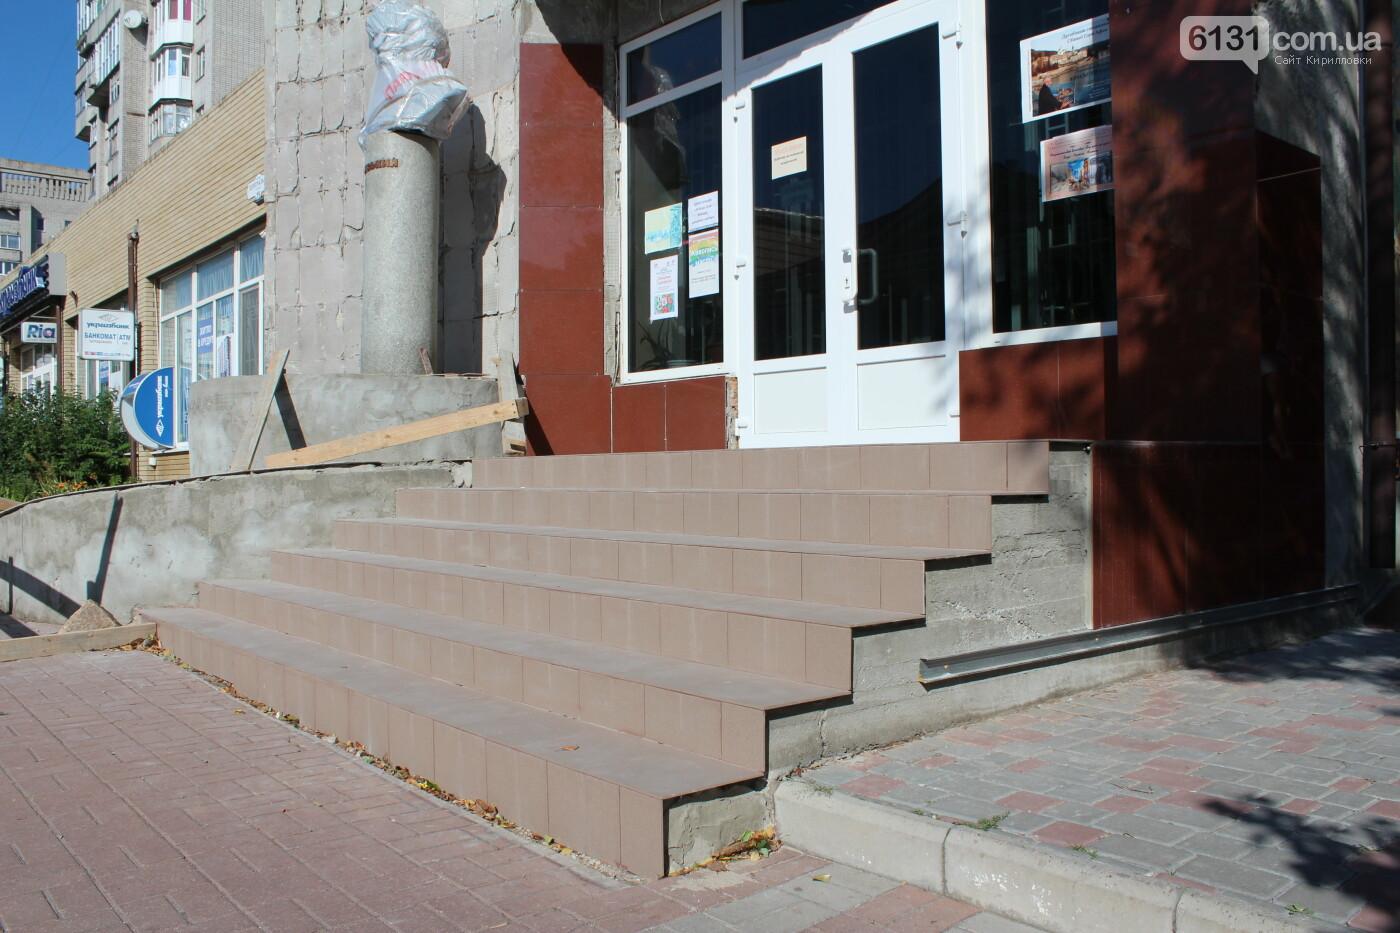 Реконструкция фасада музея им. Бродского завершена, фото-9